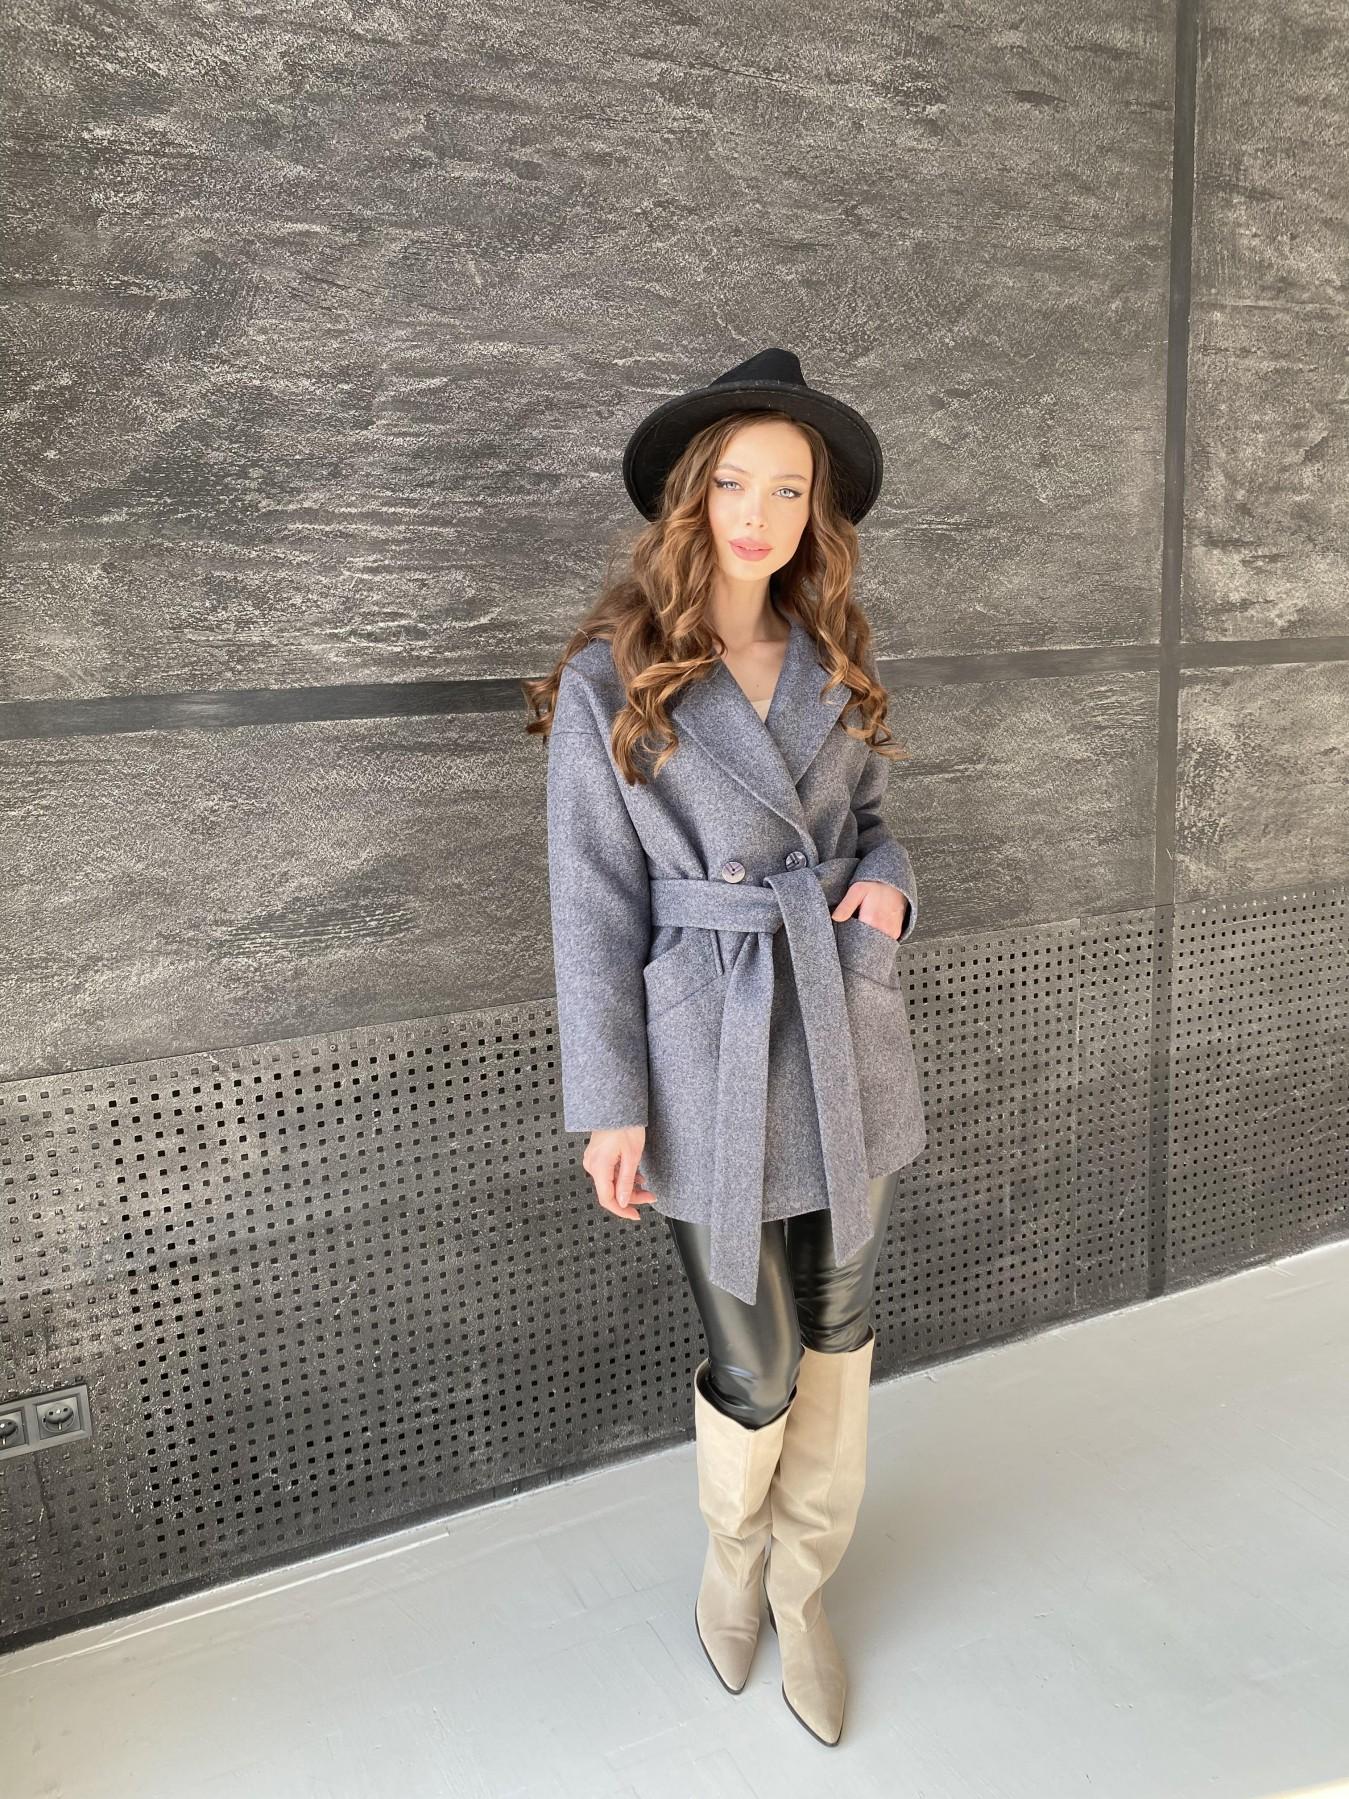 Бонд пальто  кашемировое меланж на трикотаже  10644 АРТ. 47182 Цвет: графит меланж - фото 7, интернет магазин tm-modus.ru